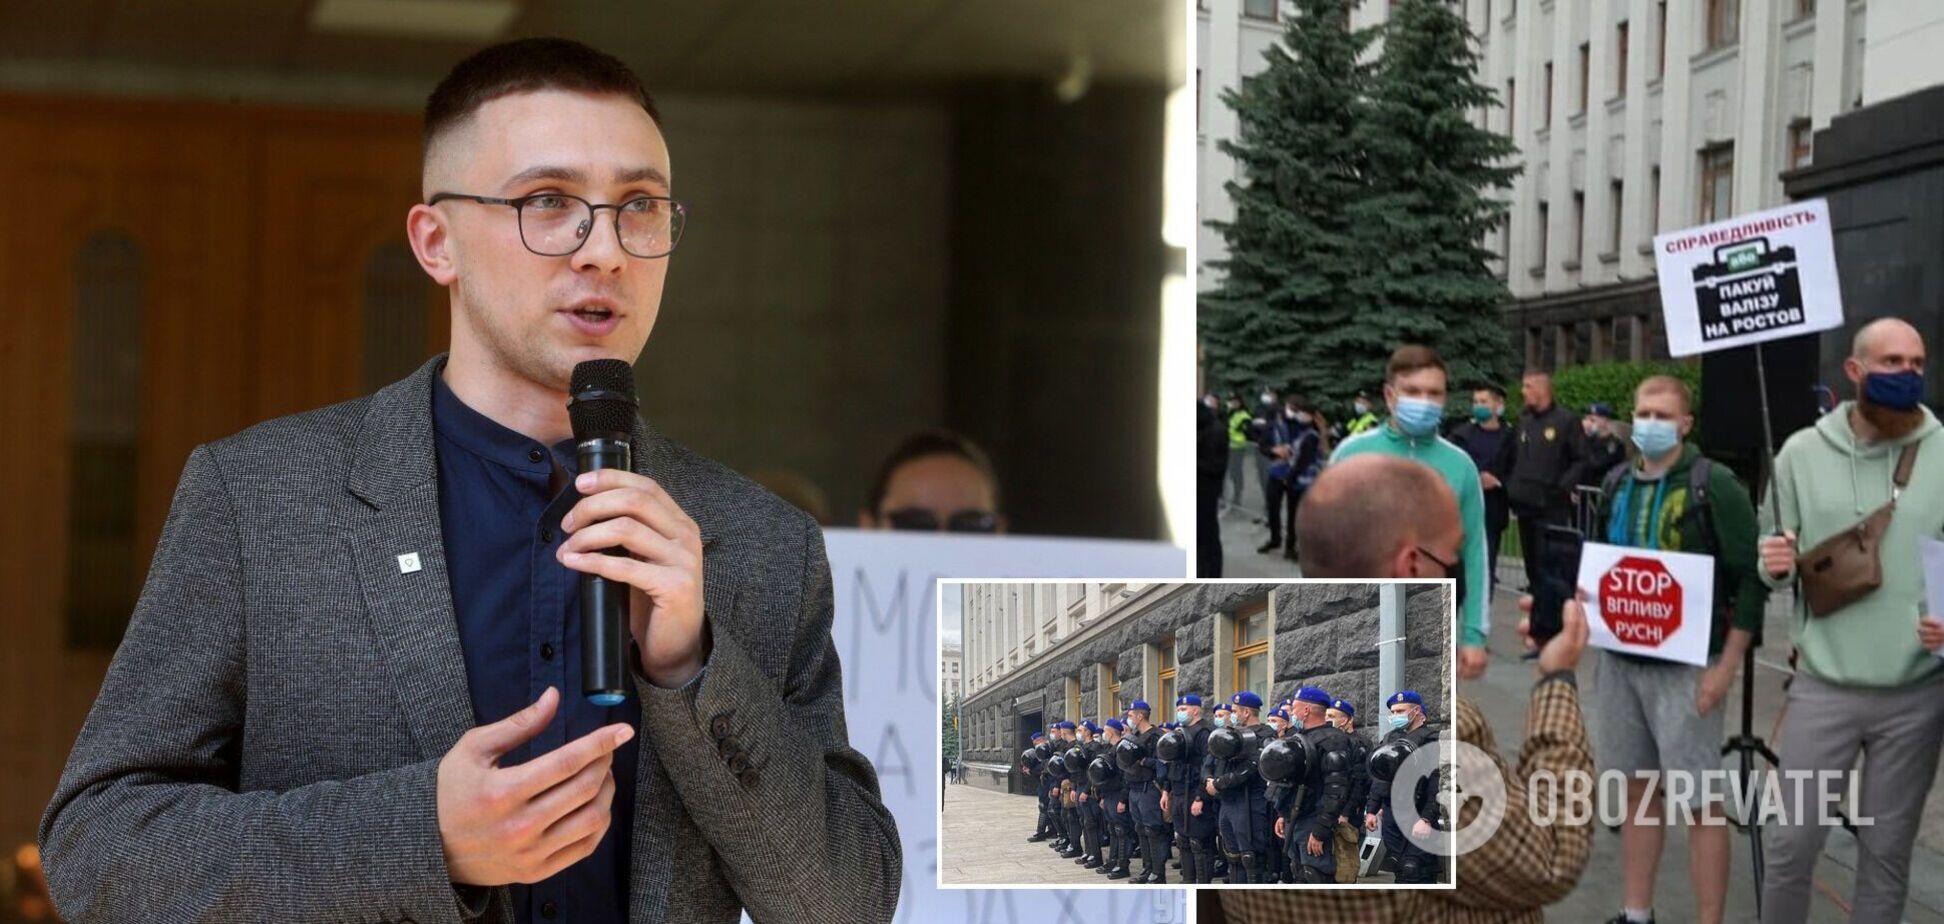 В Киеве под ОП прошла акция в поддержку Стерненко: здание усиленно охраняли. Фото, видео